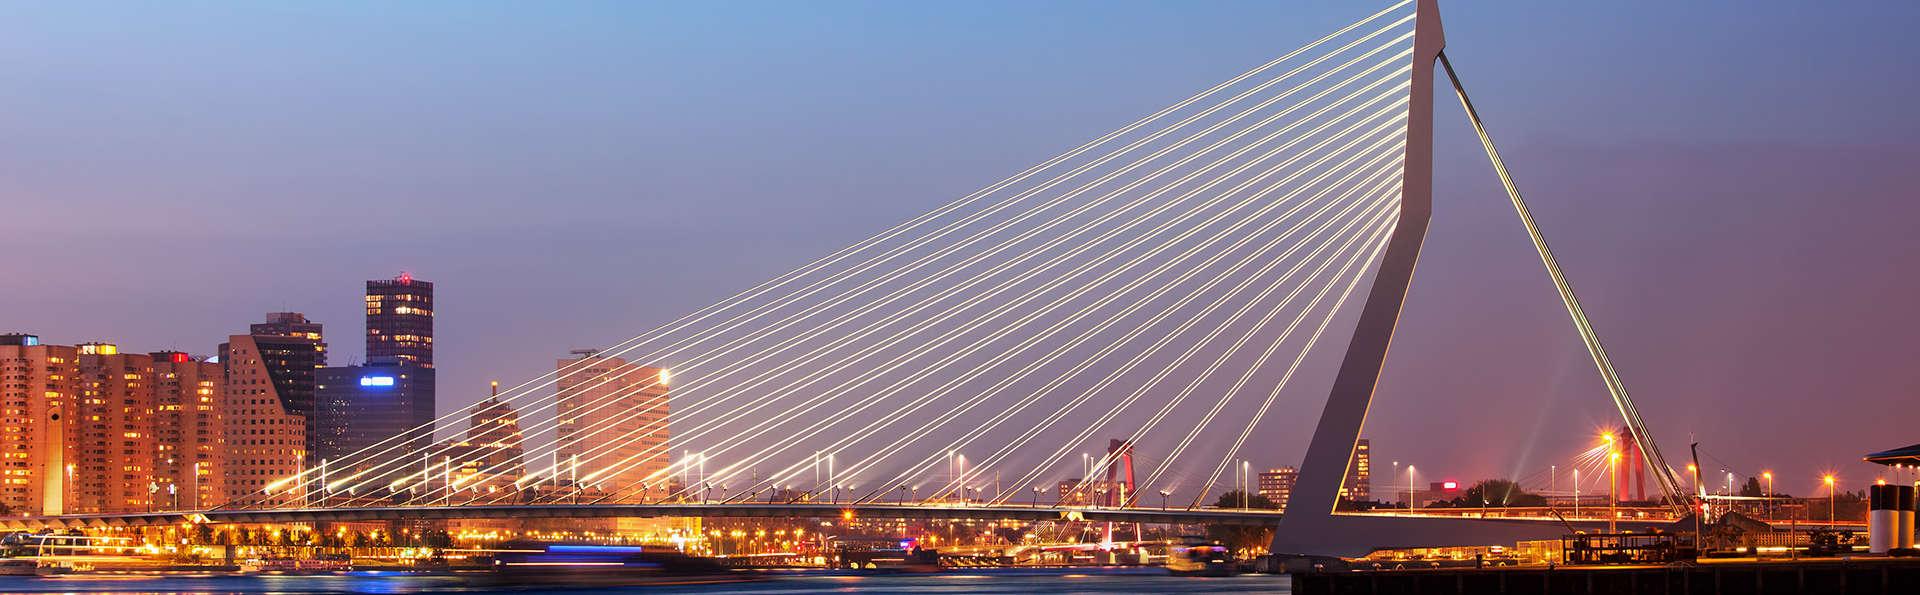 Nuit au bord de la Meuse aux Pays-Bas : Rotterdam!